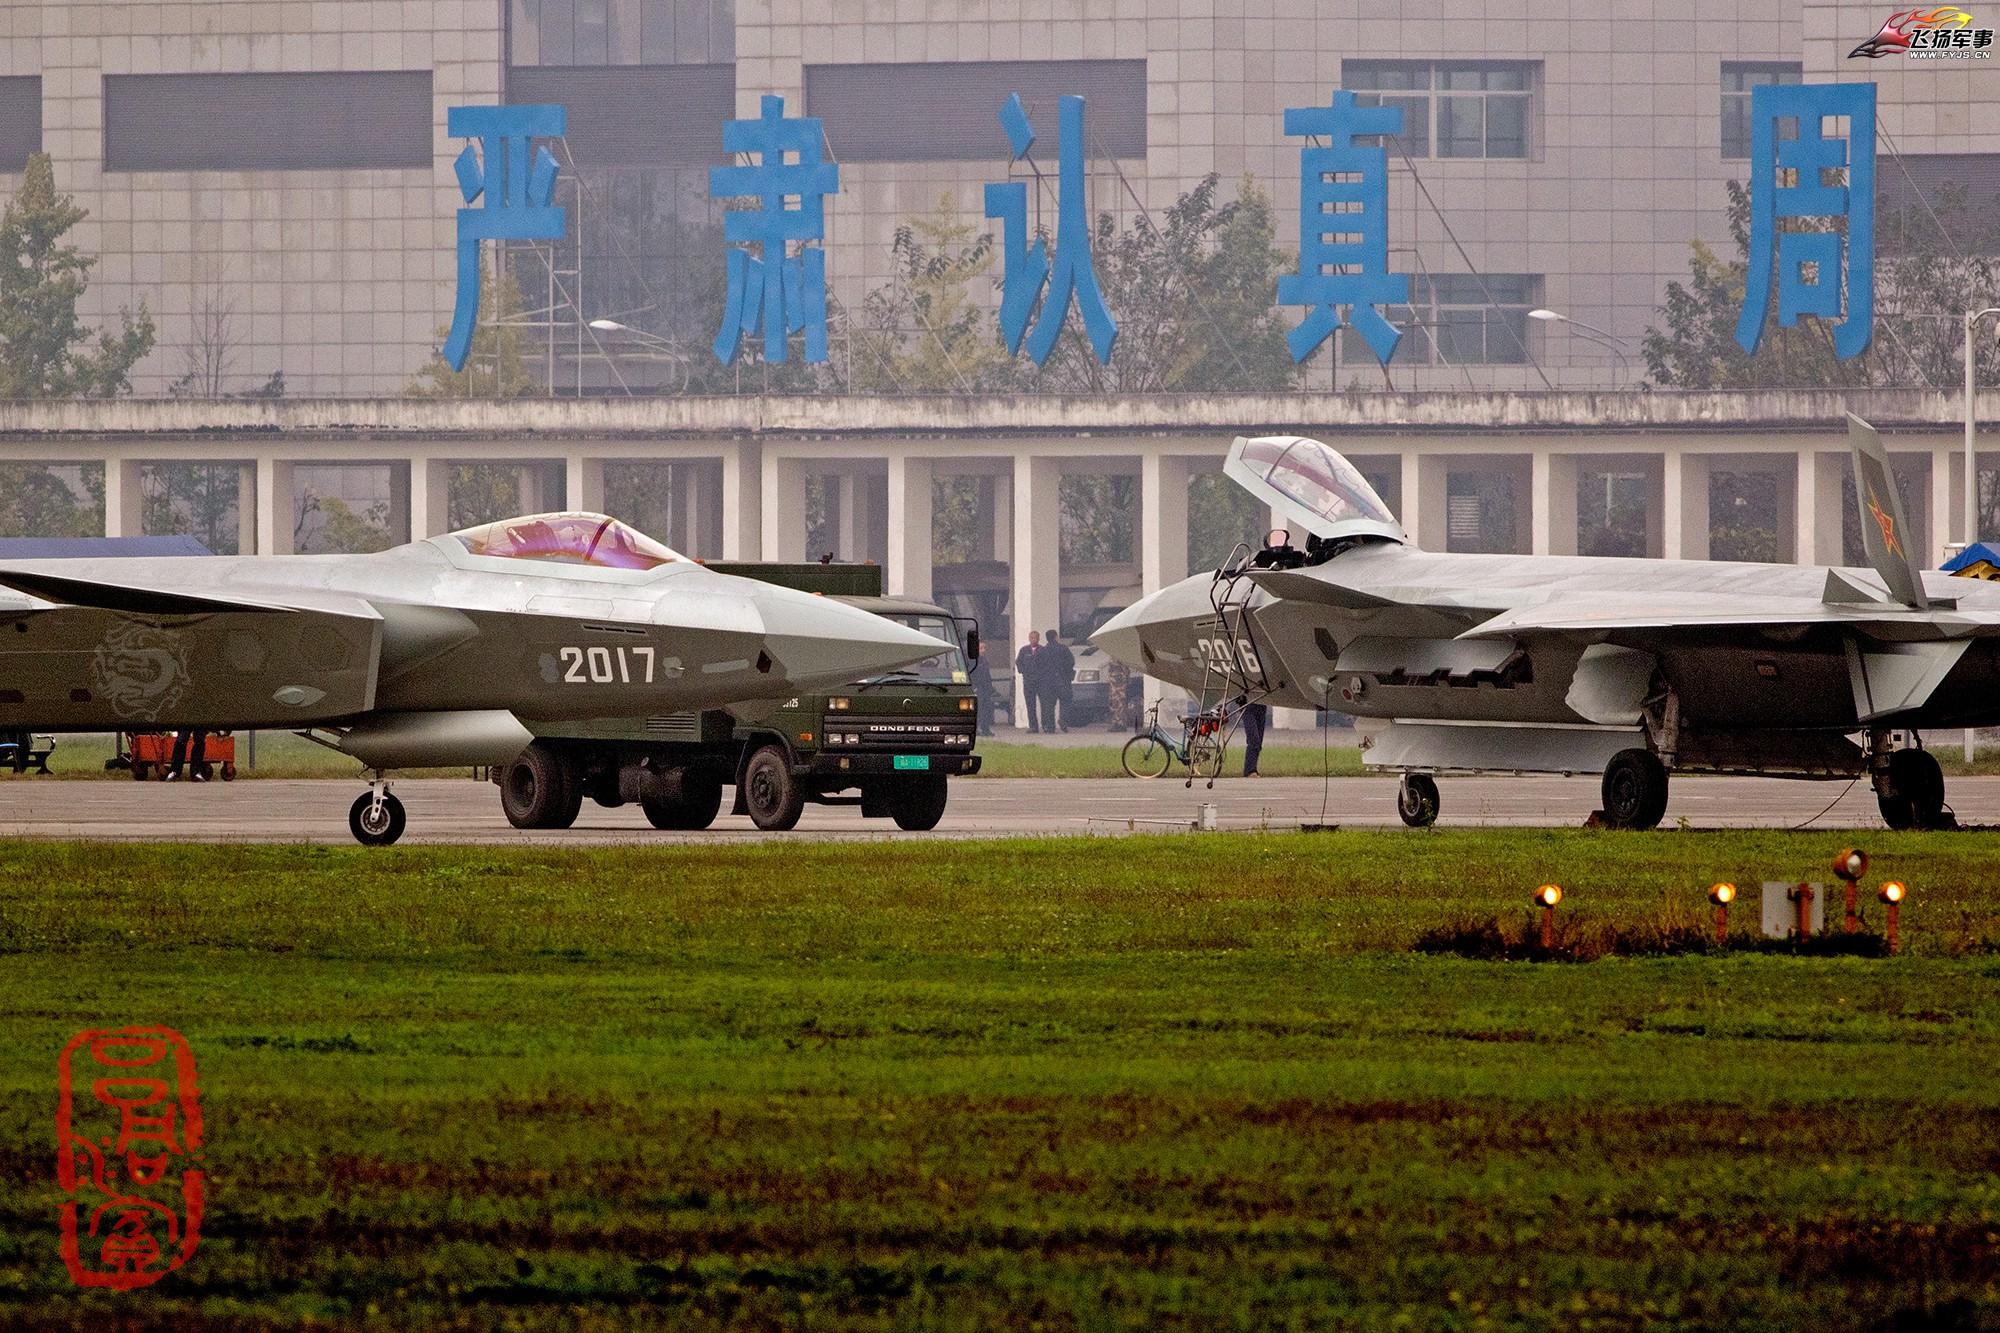 俄方感叹中国曾依赖俄军机 如今却已向更强发展